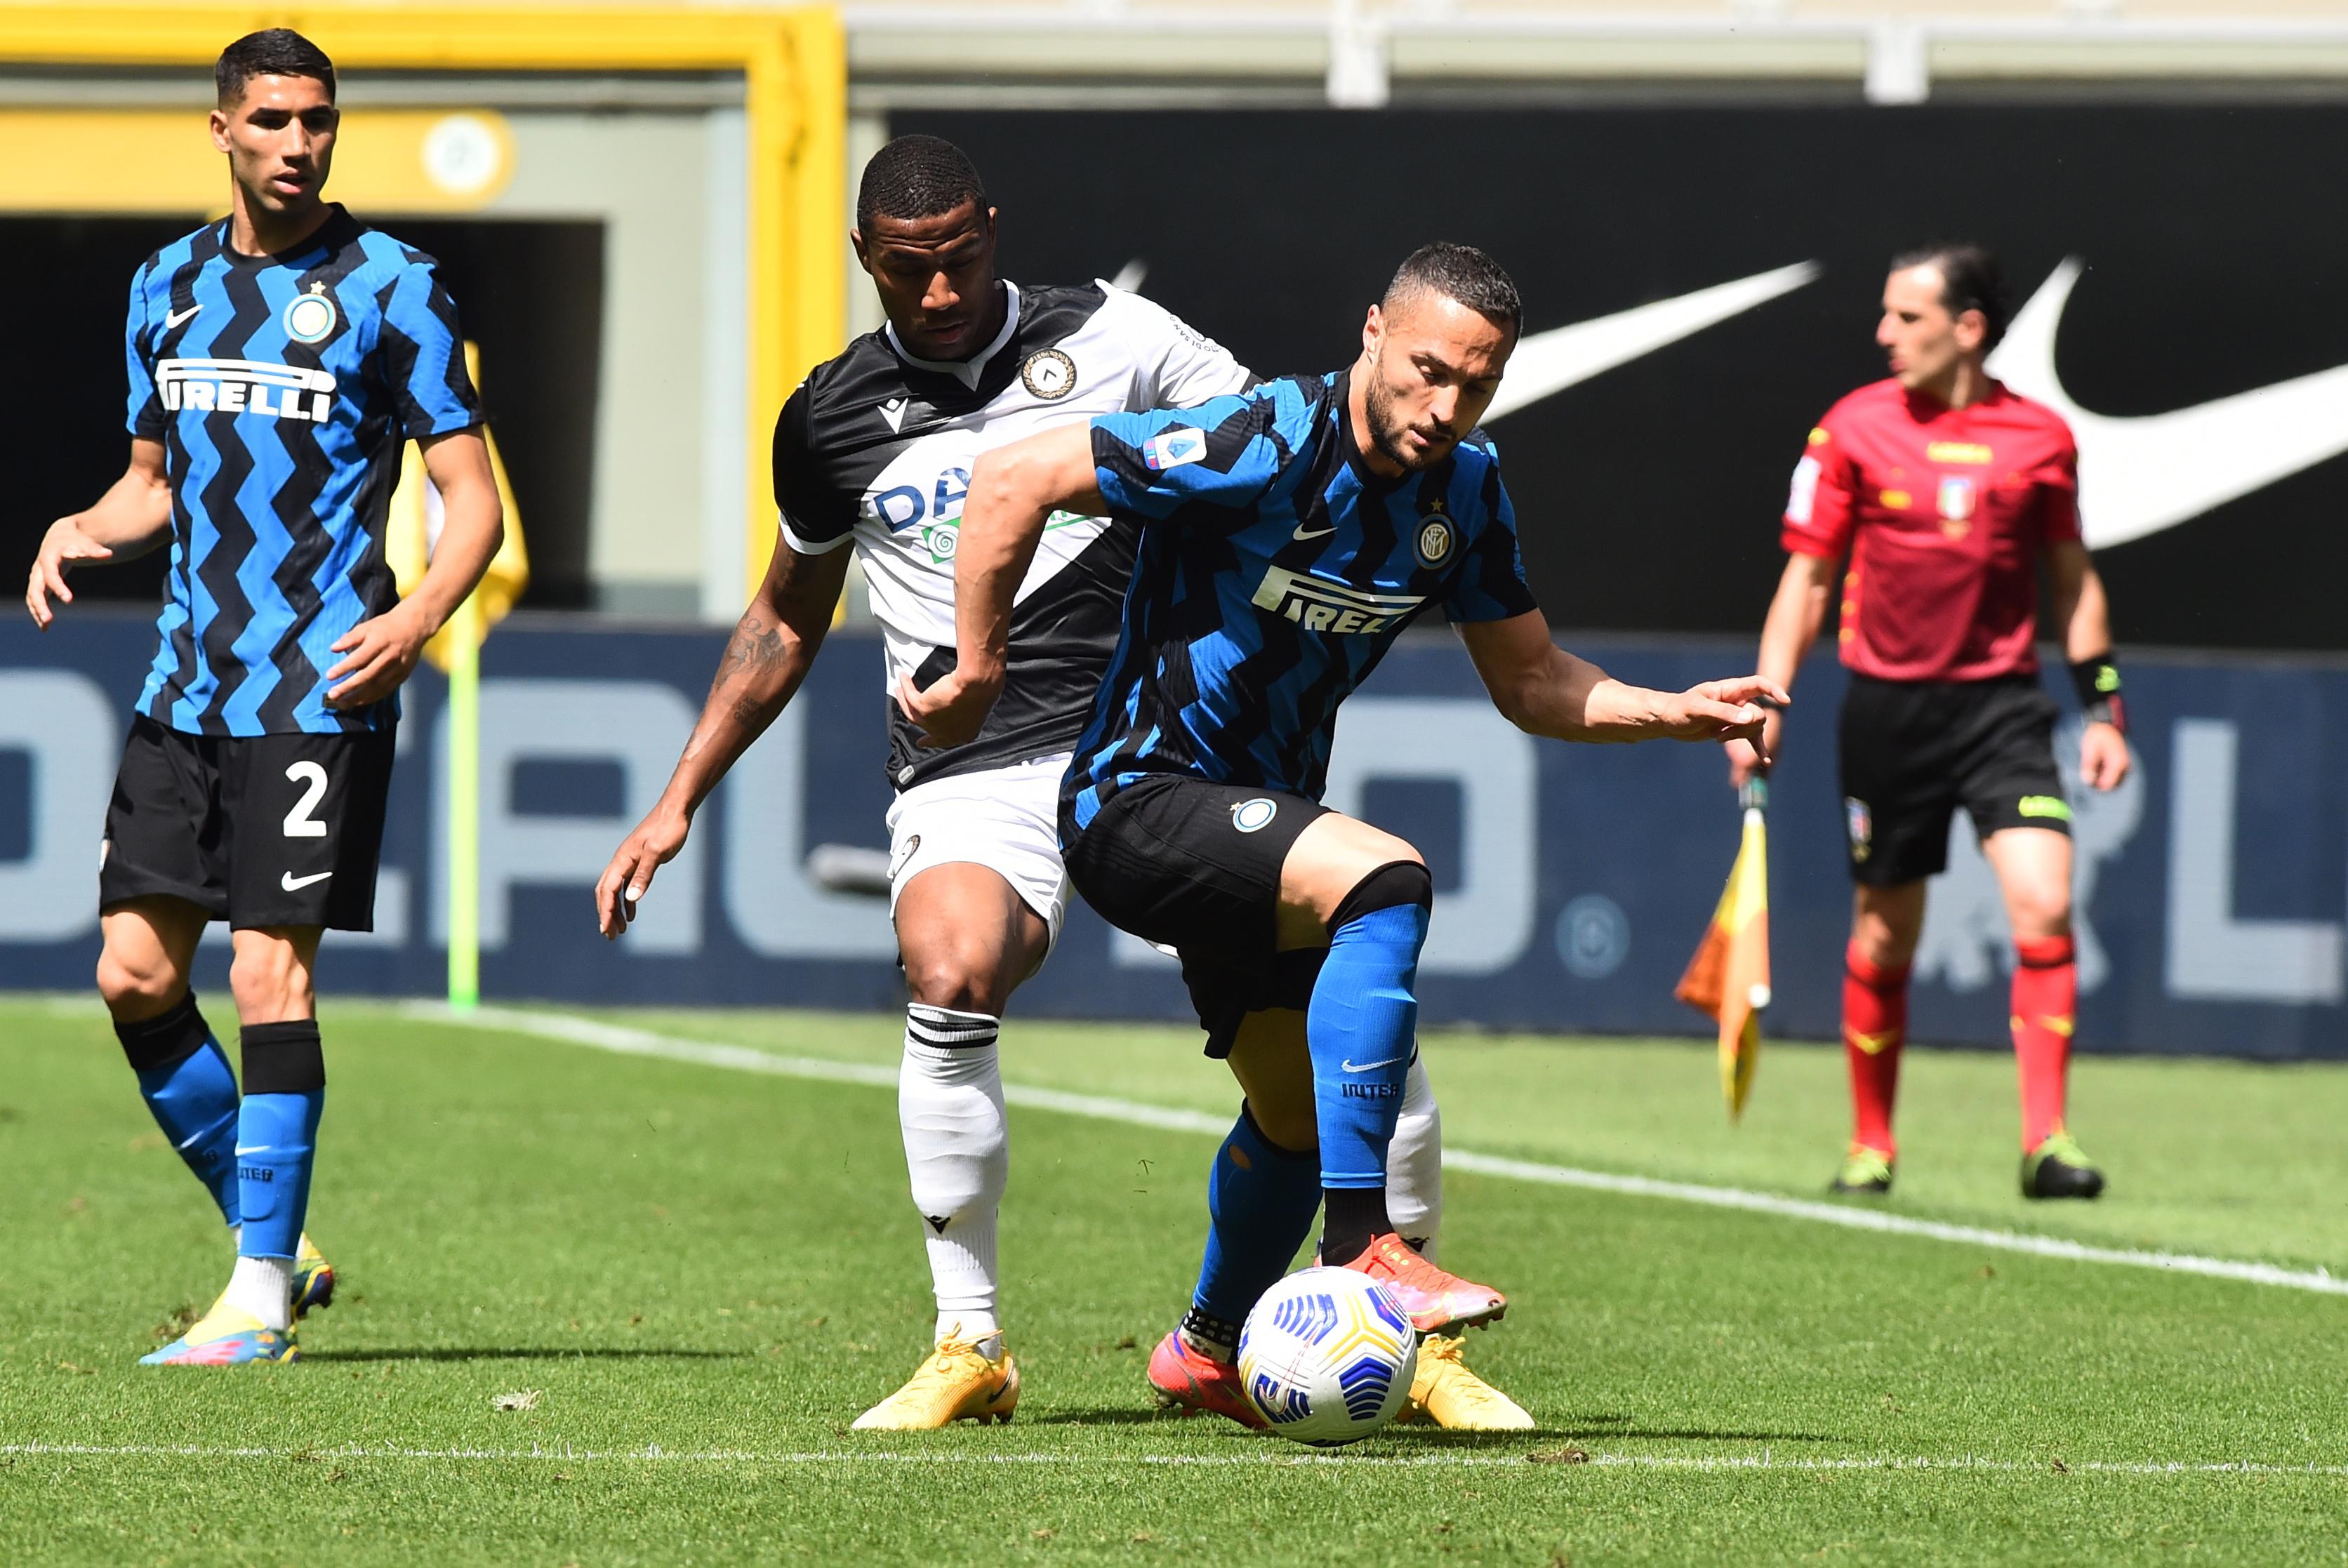 半场:阿什利-扬赛季首球埃里克森破门,国米2-0乌迪内斯